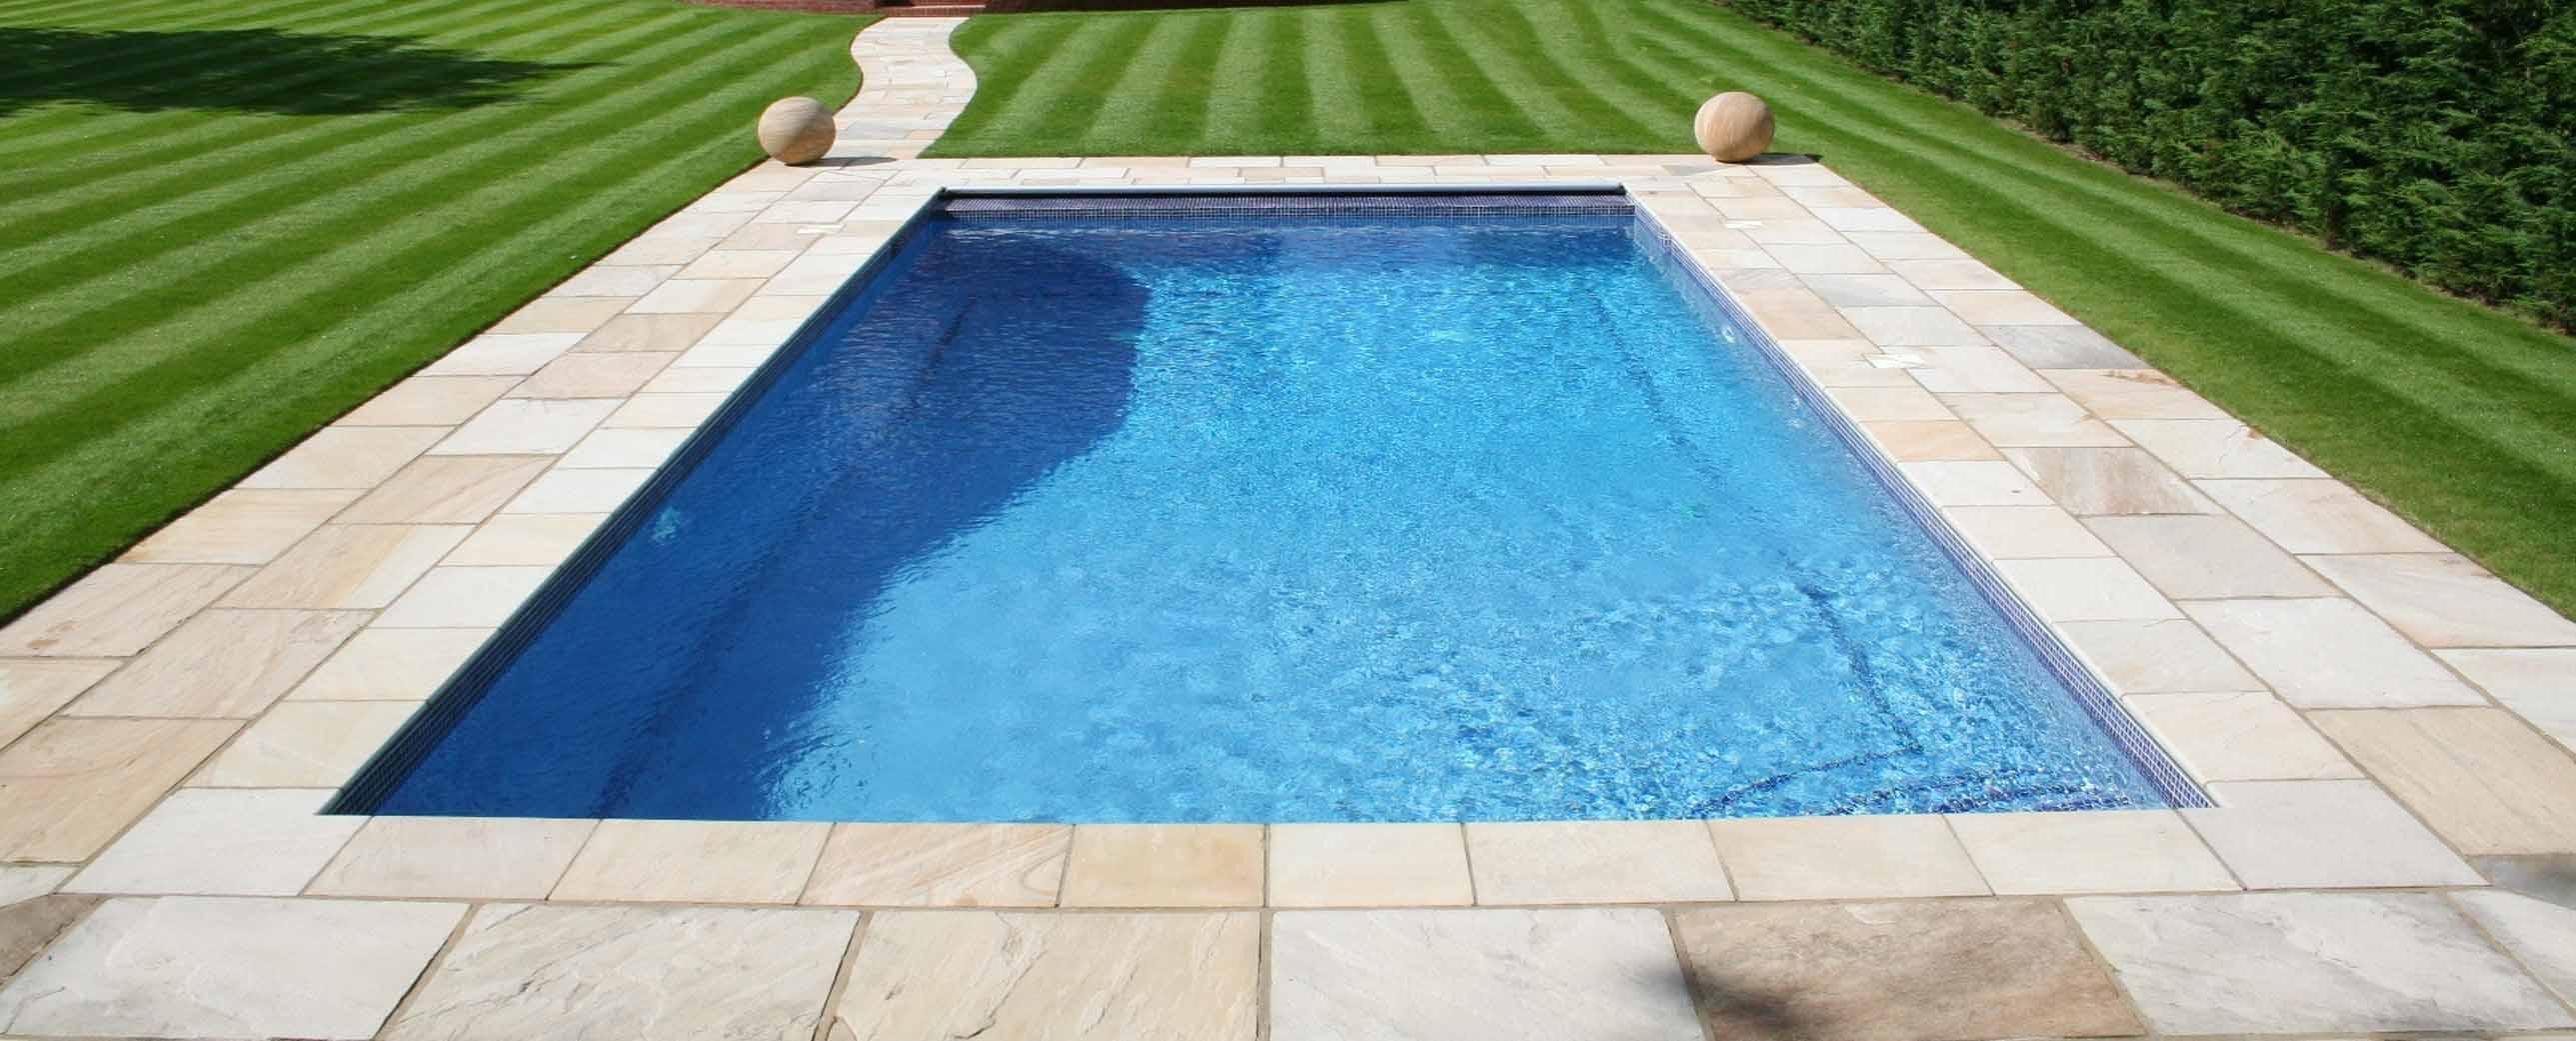 Construcci n de piscinas de obra cubriland - Precio por limpieza de piscinas ...